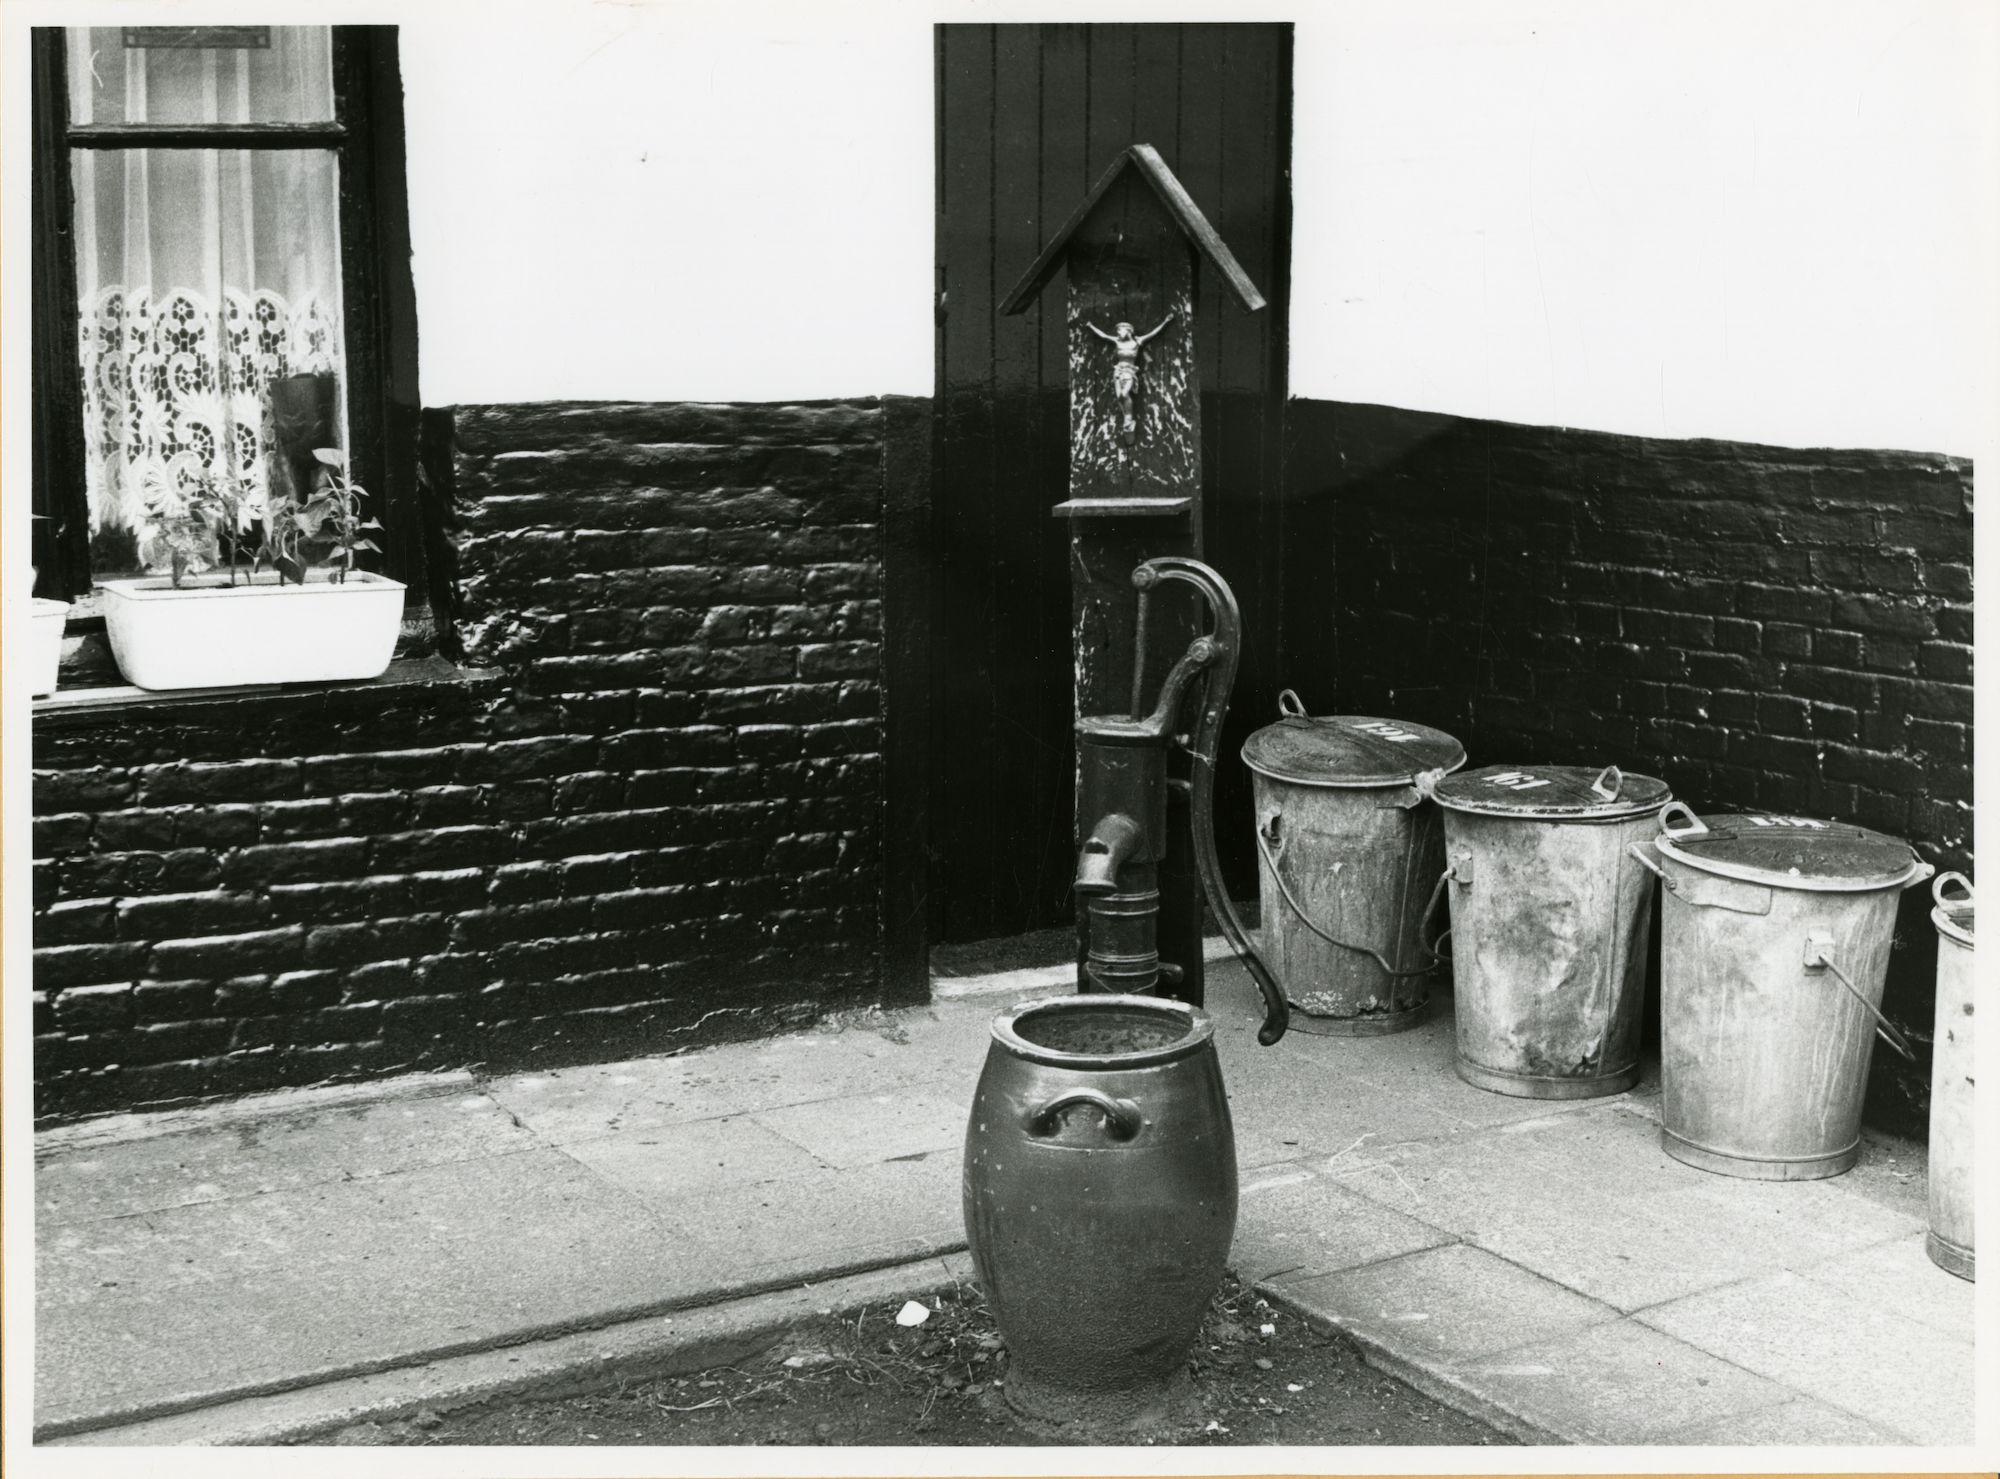 Gent: Dendermondsesteenweg 123: waterpomp, 1979